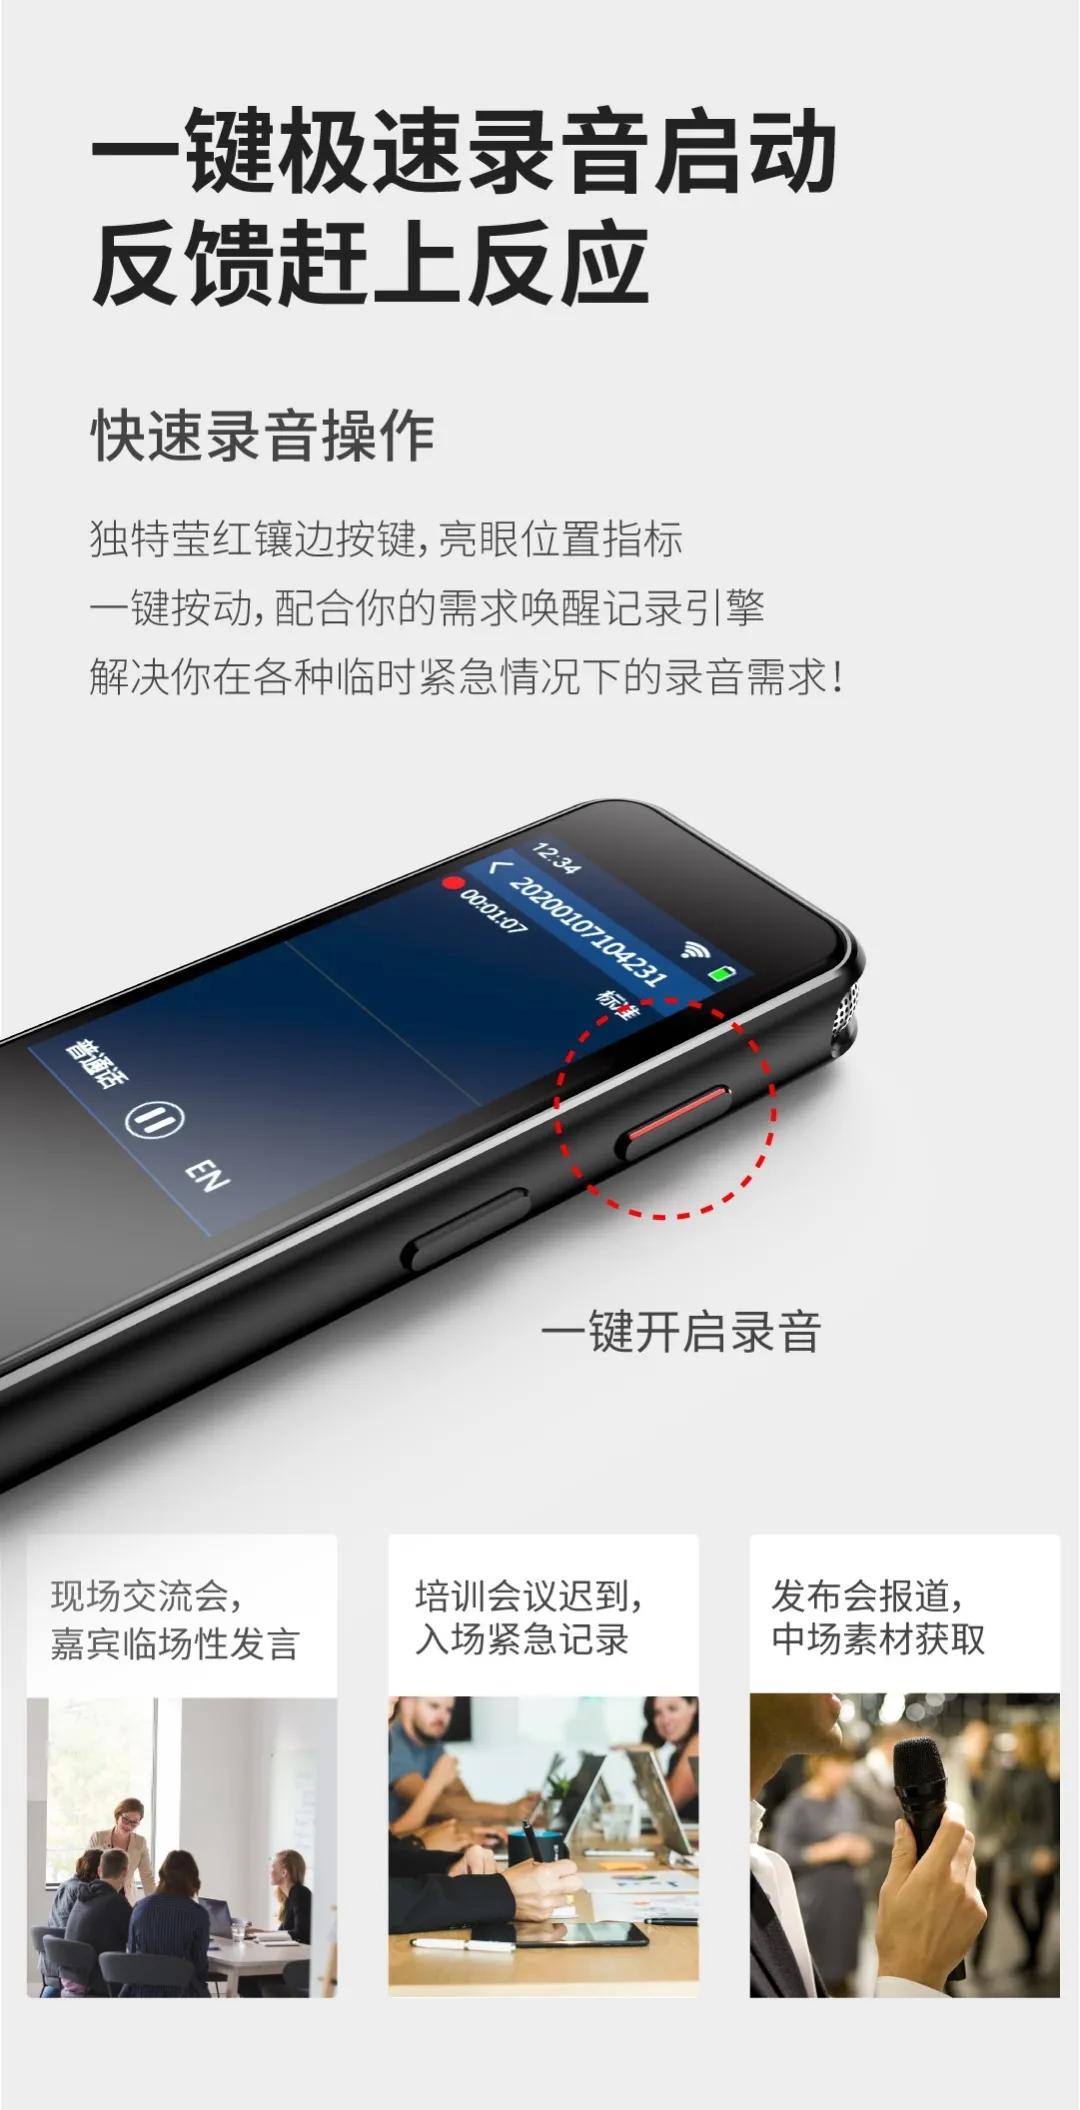 「飞利浦VTR5201」视觉 x 应用 双升级,绝出新能量